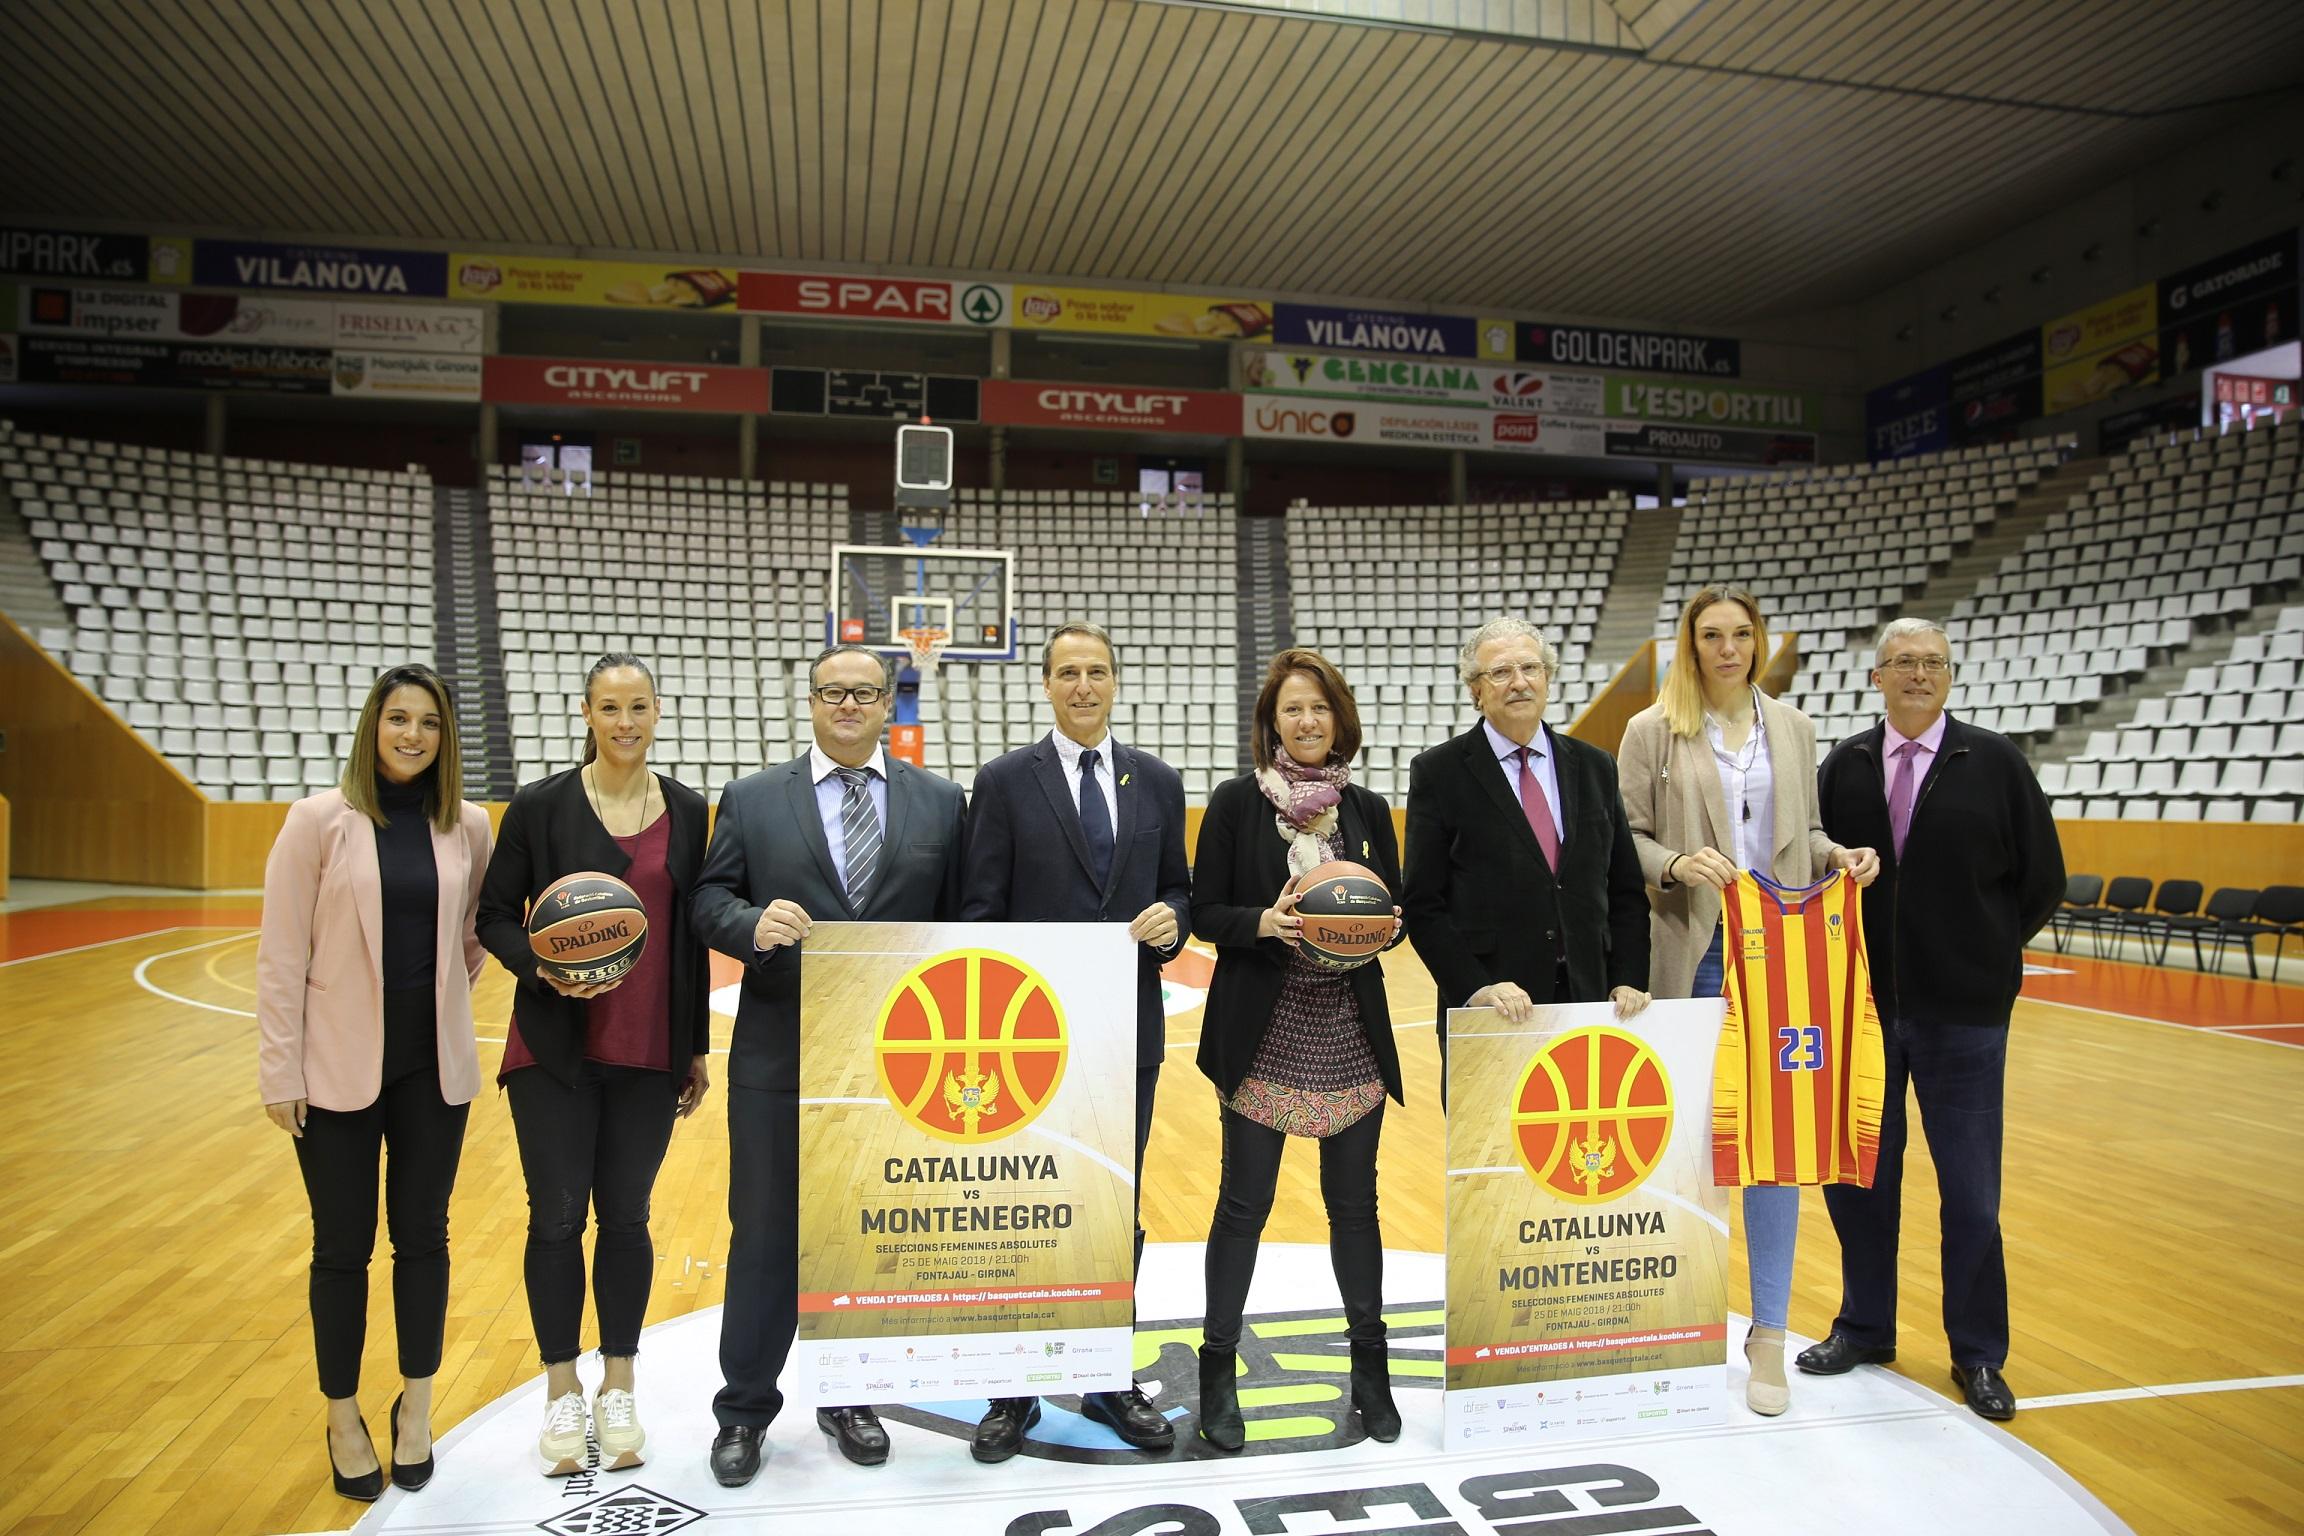 Girona serà l'escenari del retorn de la selecció catalana femenina absoluta de bàsquet després de sis anys